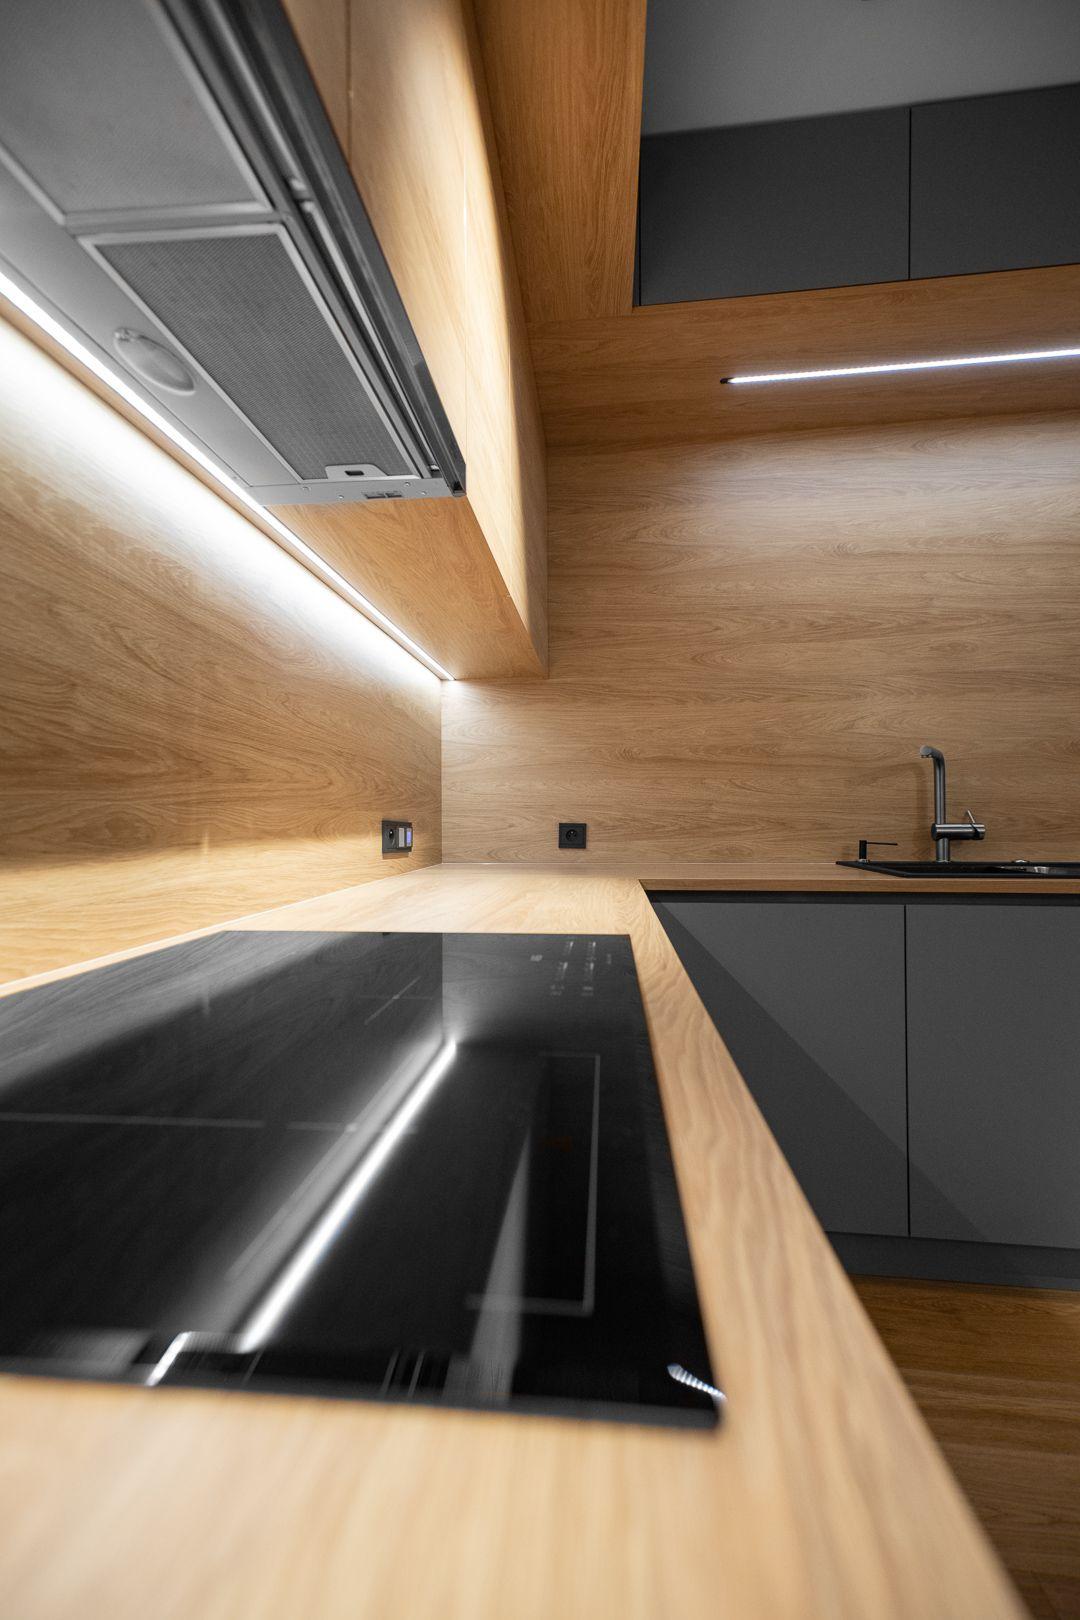 Ciepla I Funkcjonalna Przestrzen Kuchenna Modern Kitchen Design Interior Decorating Kitchen Kitchen Modular